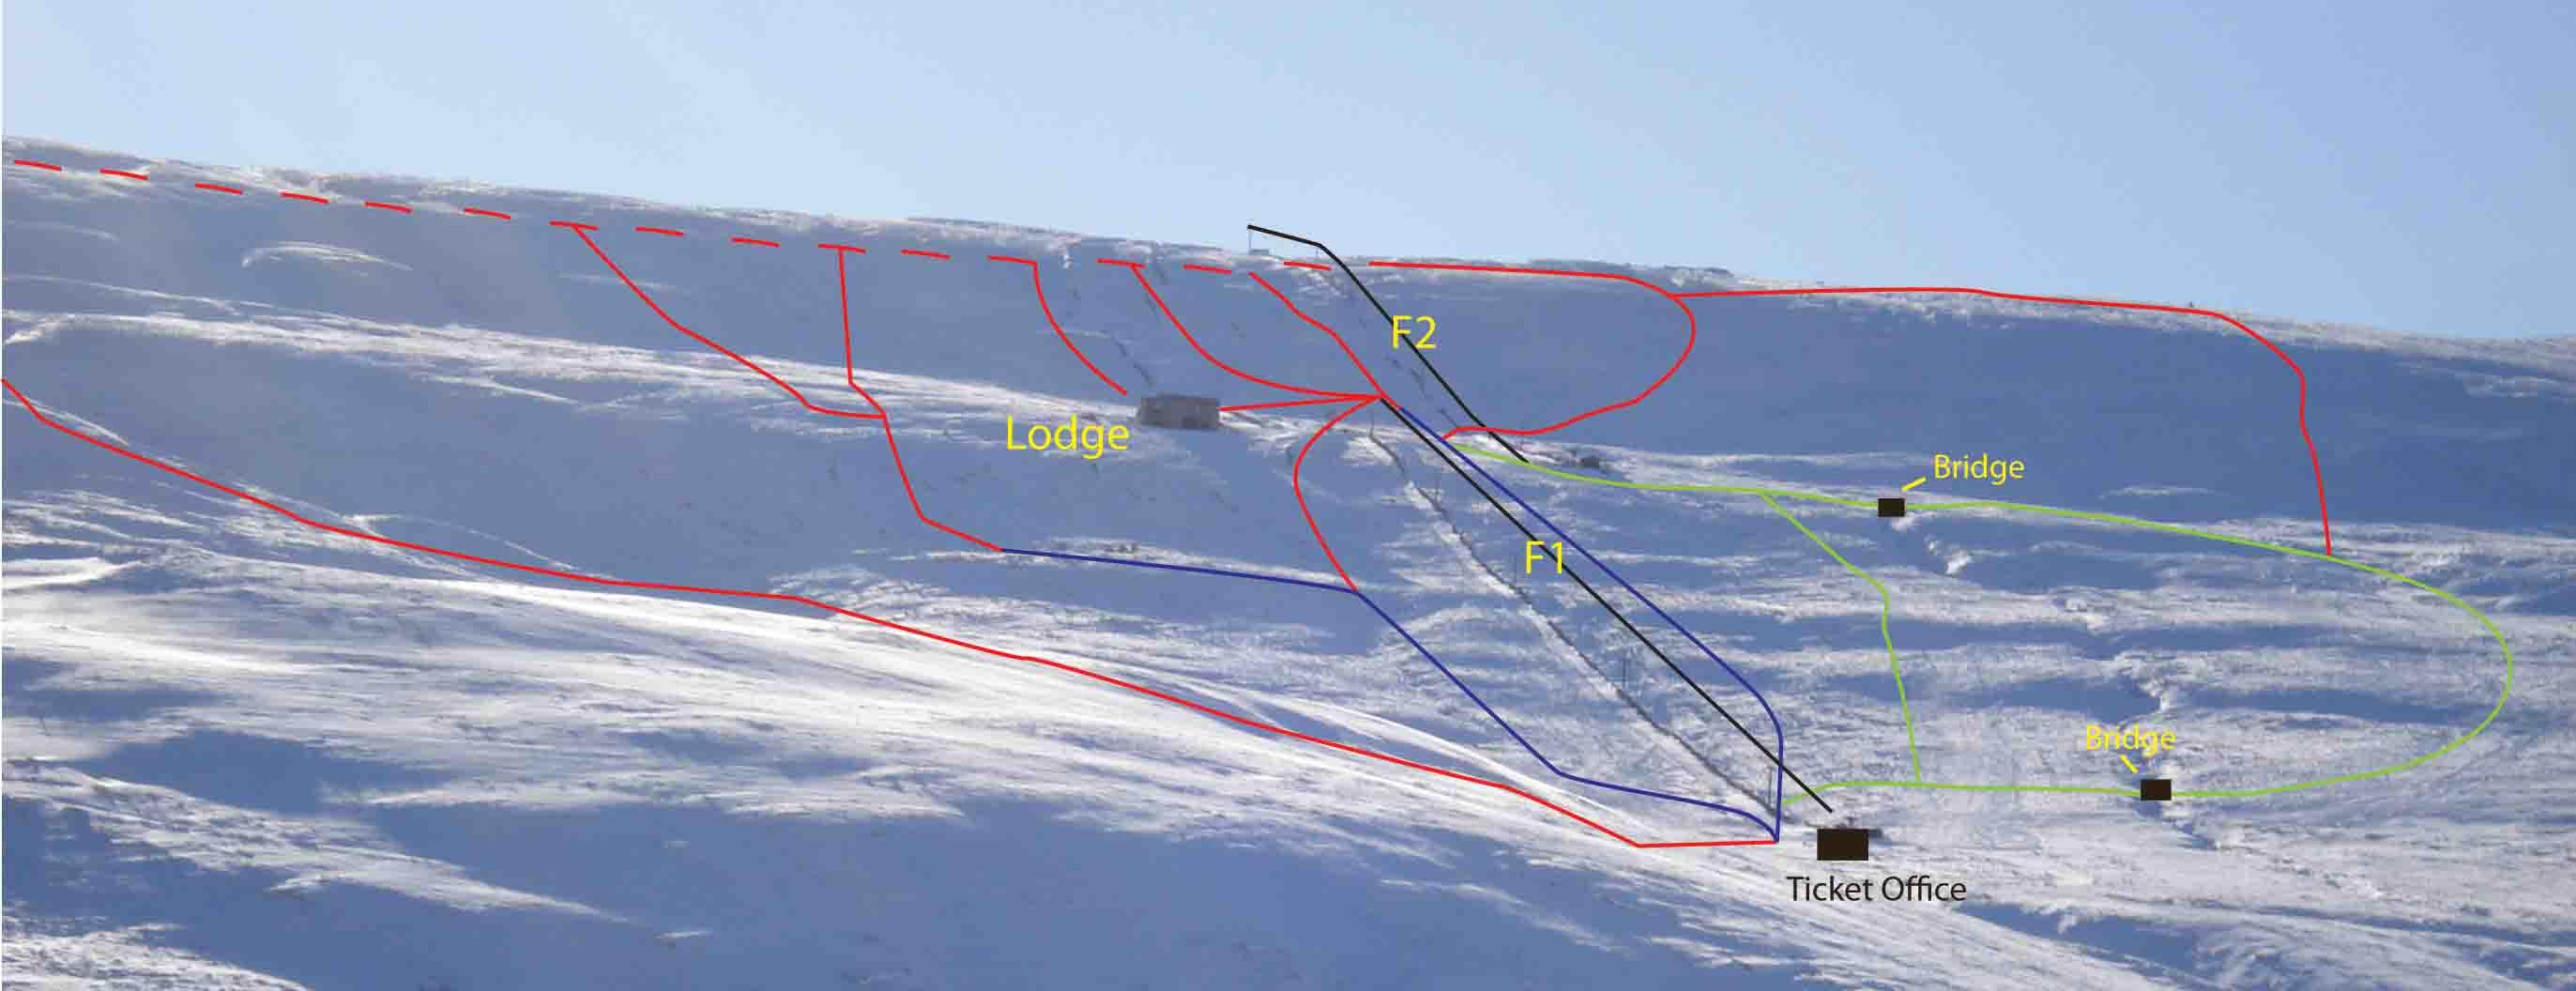 Westgate ski slope, Weardale. - YouTube